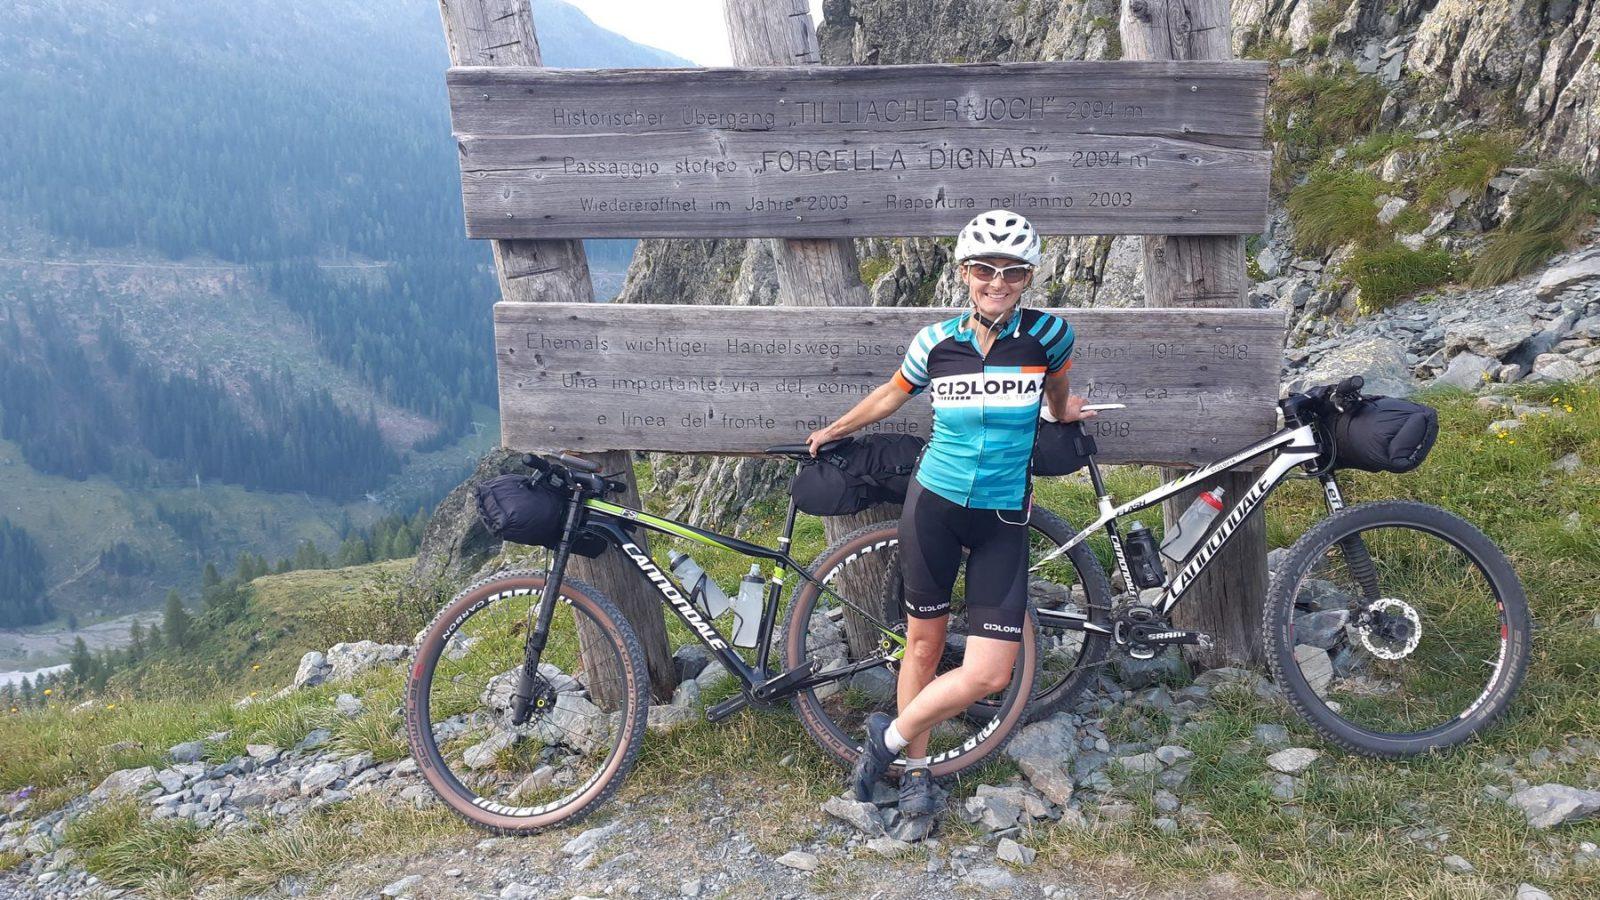 Bikepacking Karnische Alpen - Tilliacher Joch